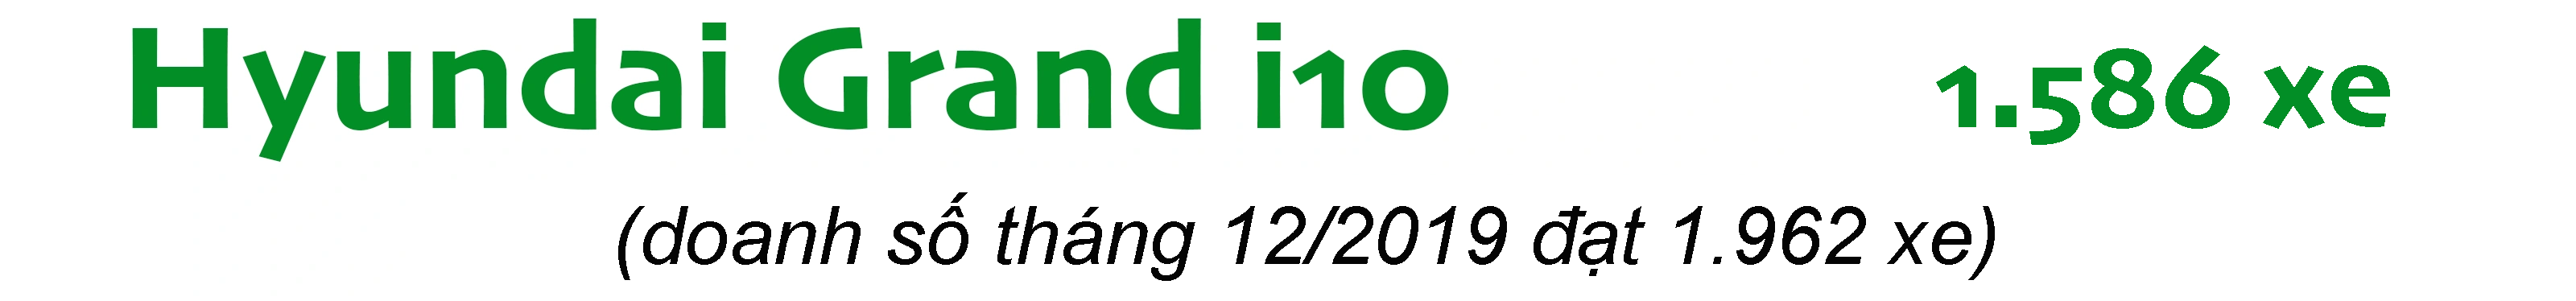 Phân khúc xe đô thị tháng 1/2020: Honda Brio vượt Toyota Wigo - 3